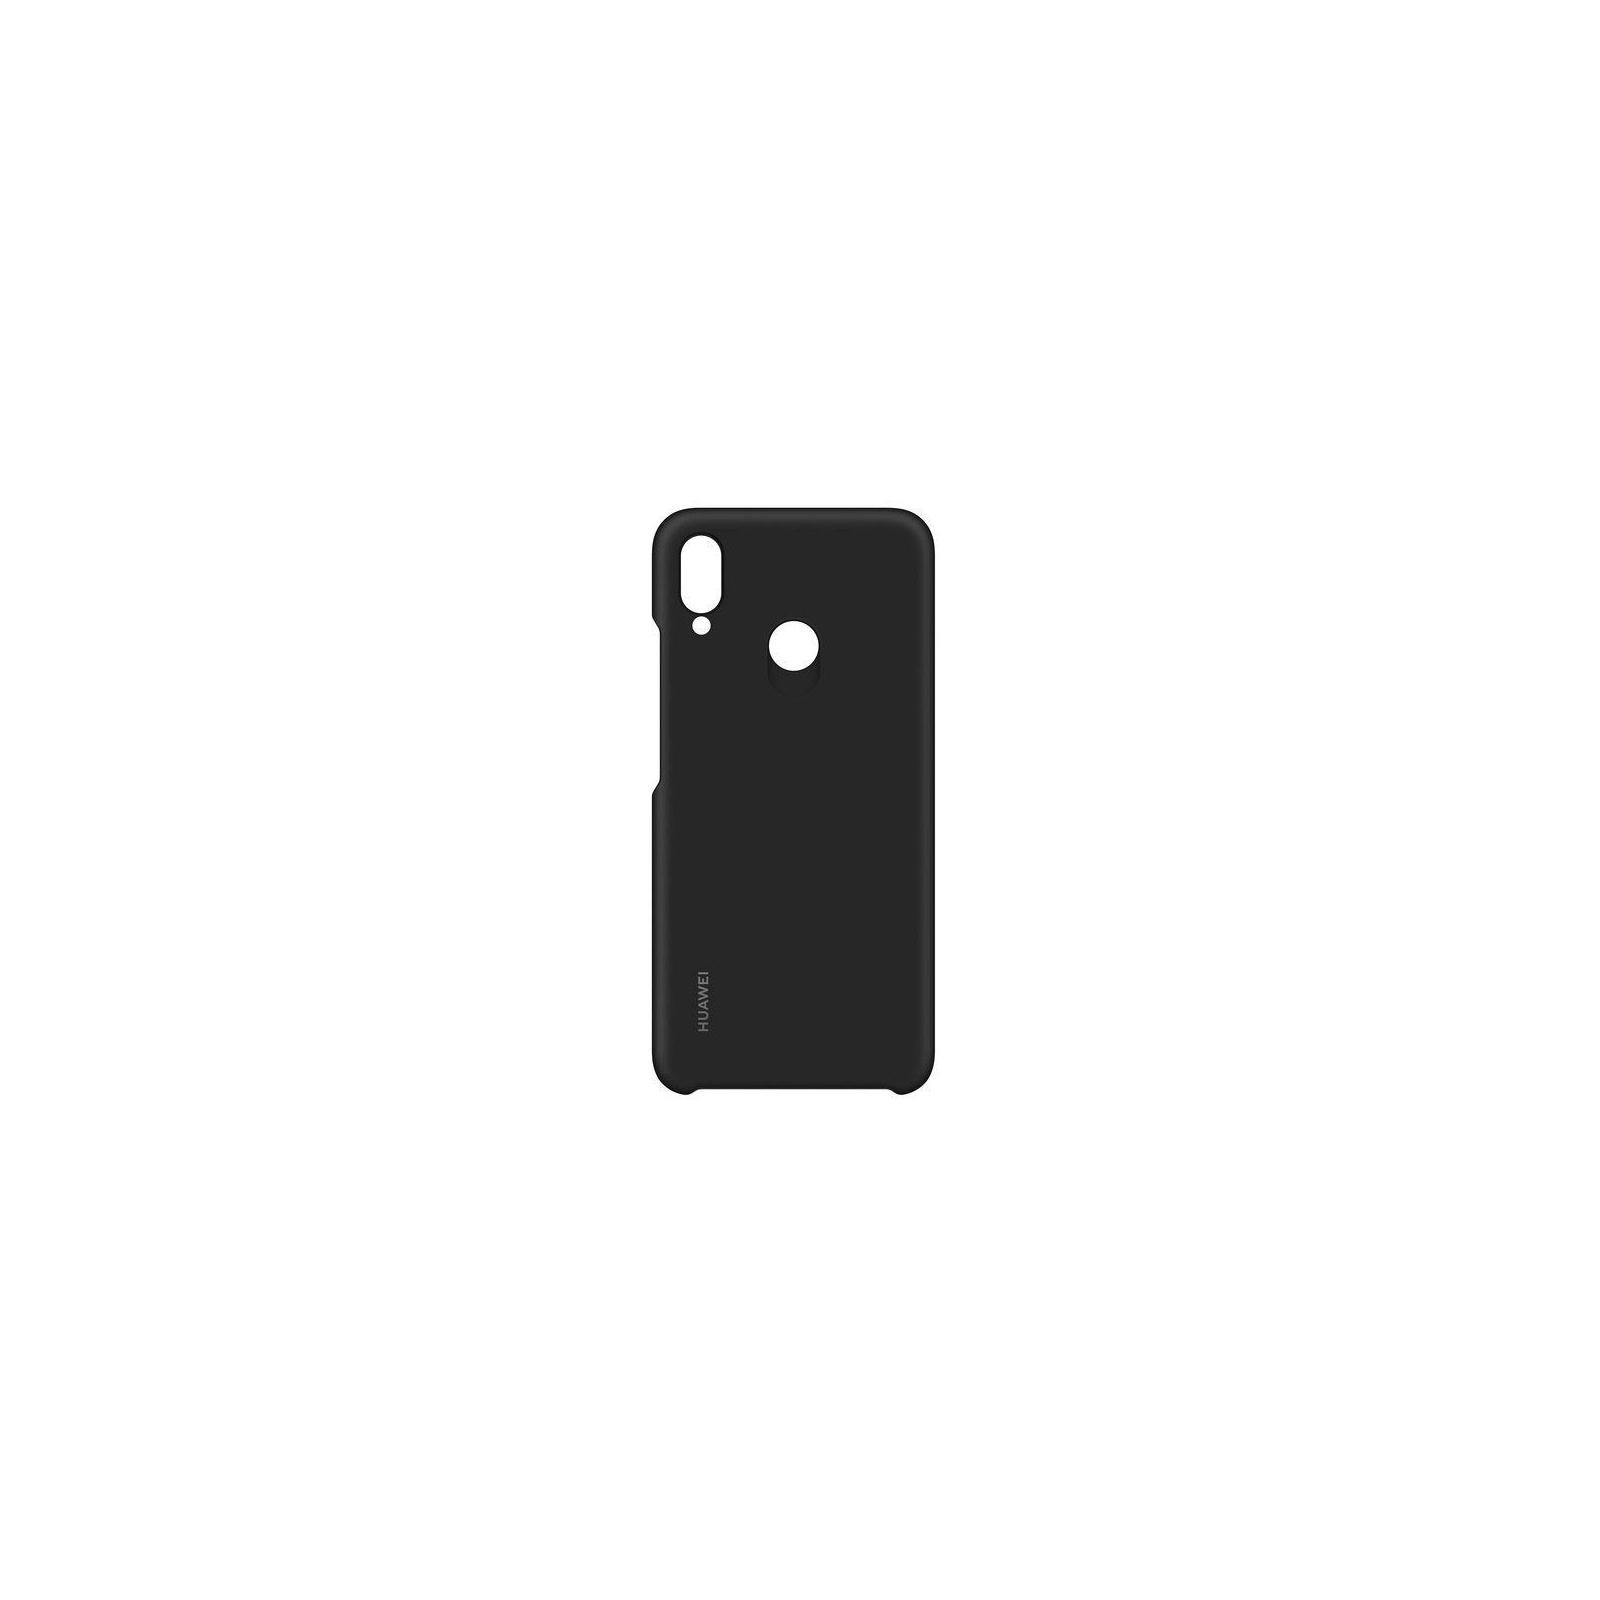 Чехол для моб. телефона Huawei для Huawei P Smart+ Magic Case black (51992698)